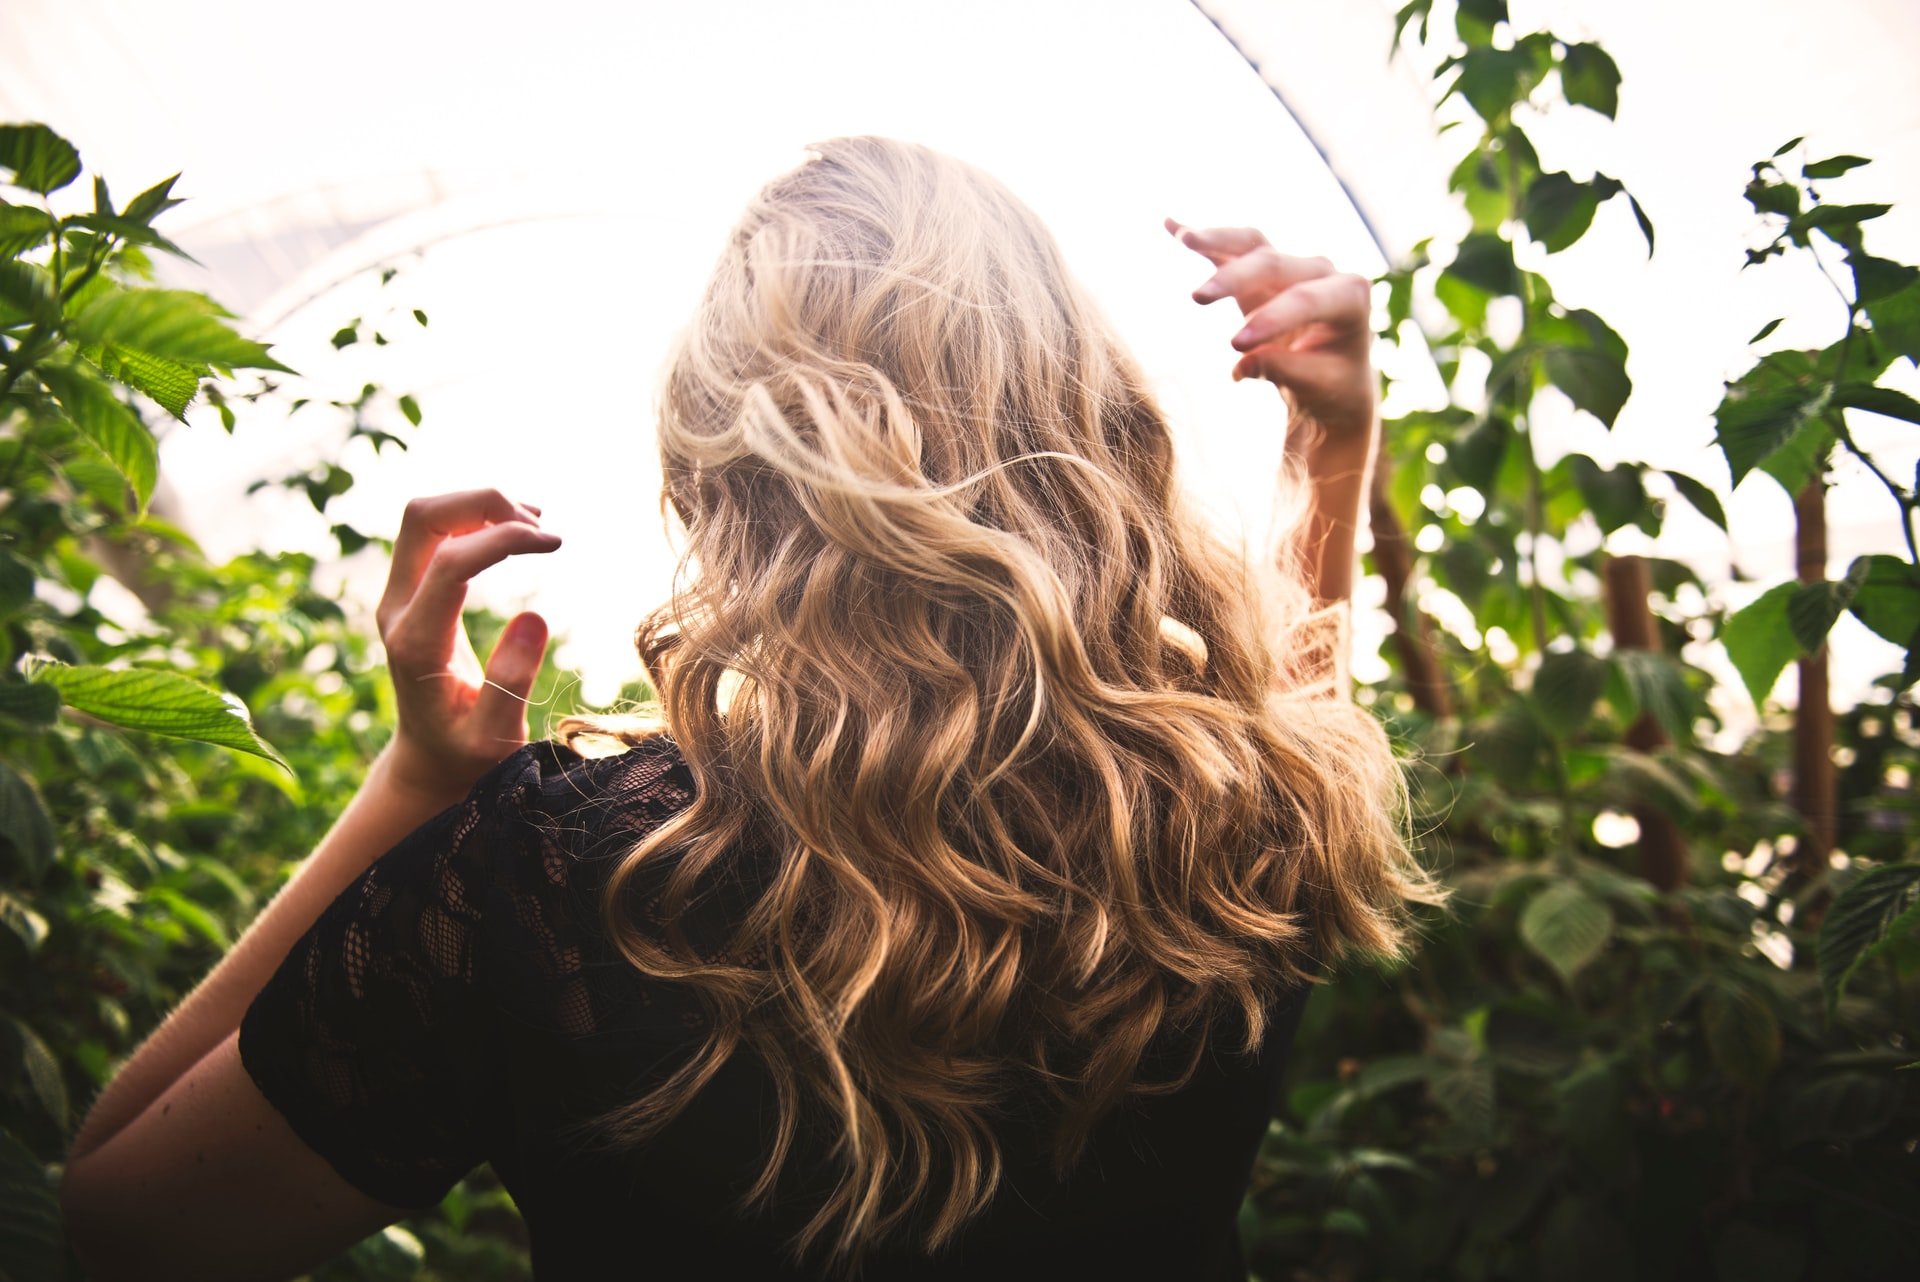 Φυσικά Μακριά Μαλλιά: Πώς να επιταχύνετε το ρυθμό ανάπτυξης των μαλλιών σας φυσικά [vid]